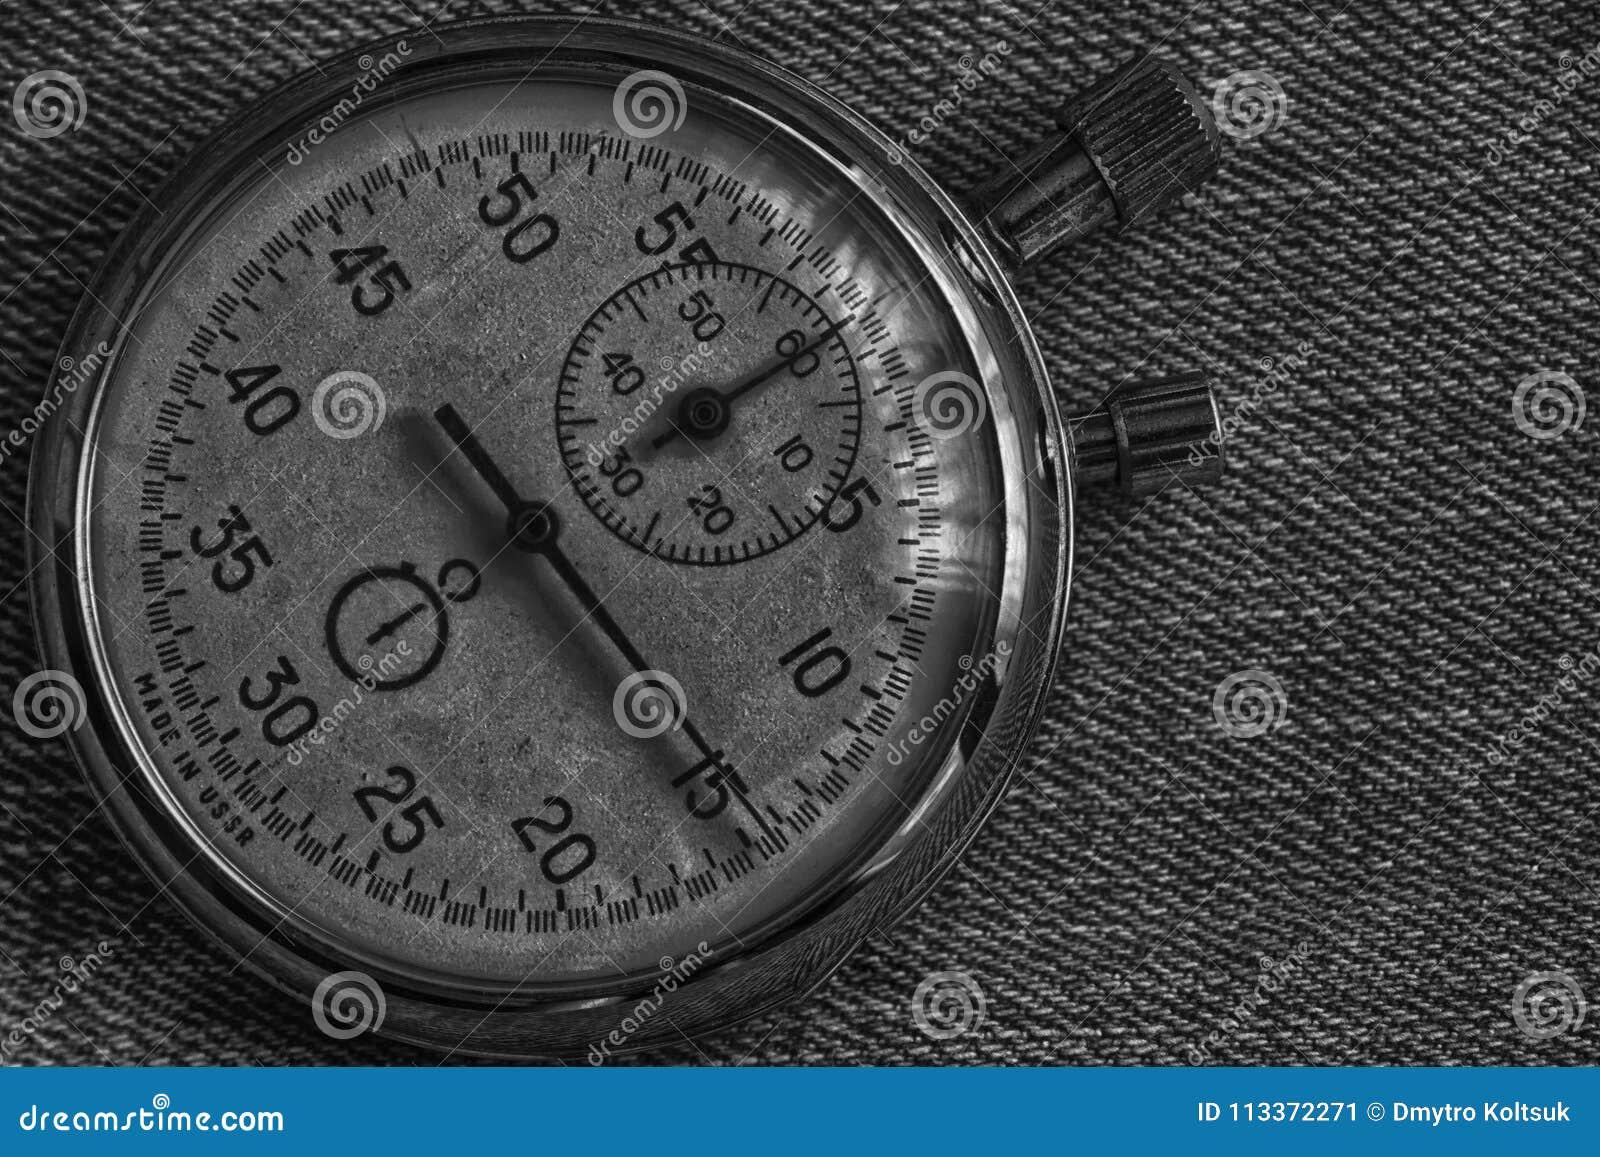 秒表,在破旧的牛仔布背景、价值措施时间、老时钟箭头分钟和第二个准确性定时器纪录